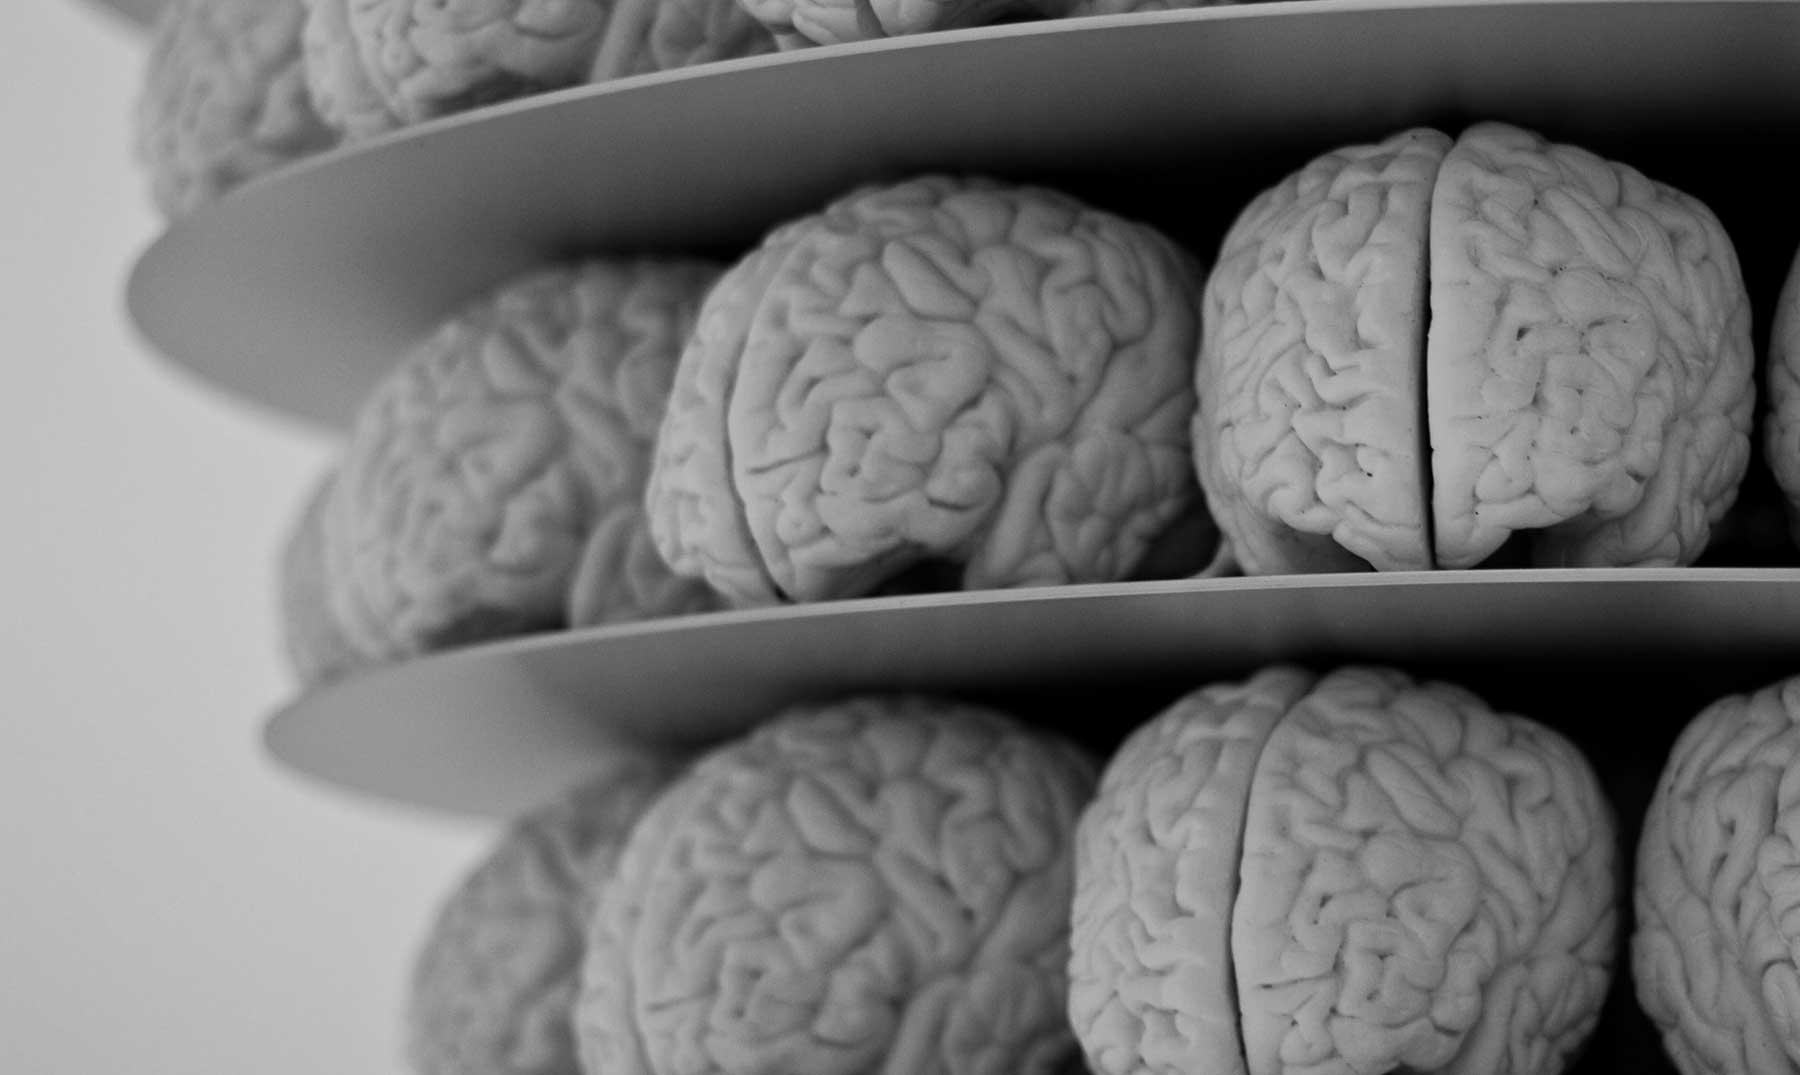 Tu cerebro te engaña